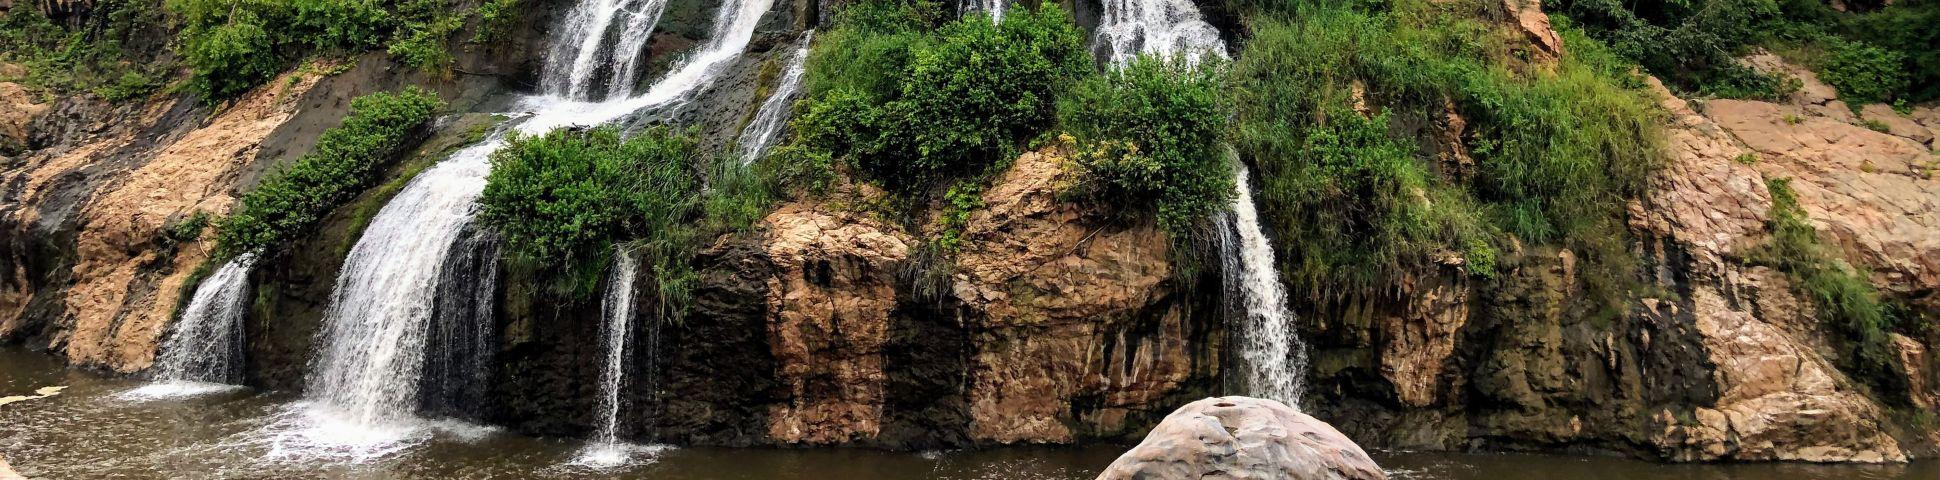 Panoramic view of waterfalls in Karnataka (India)